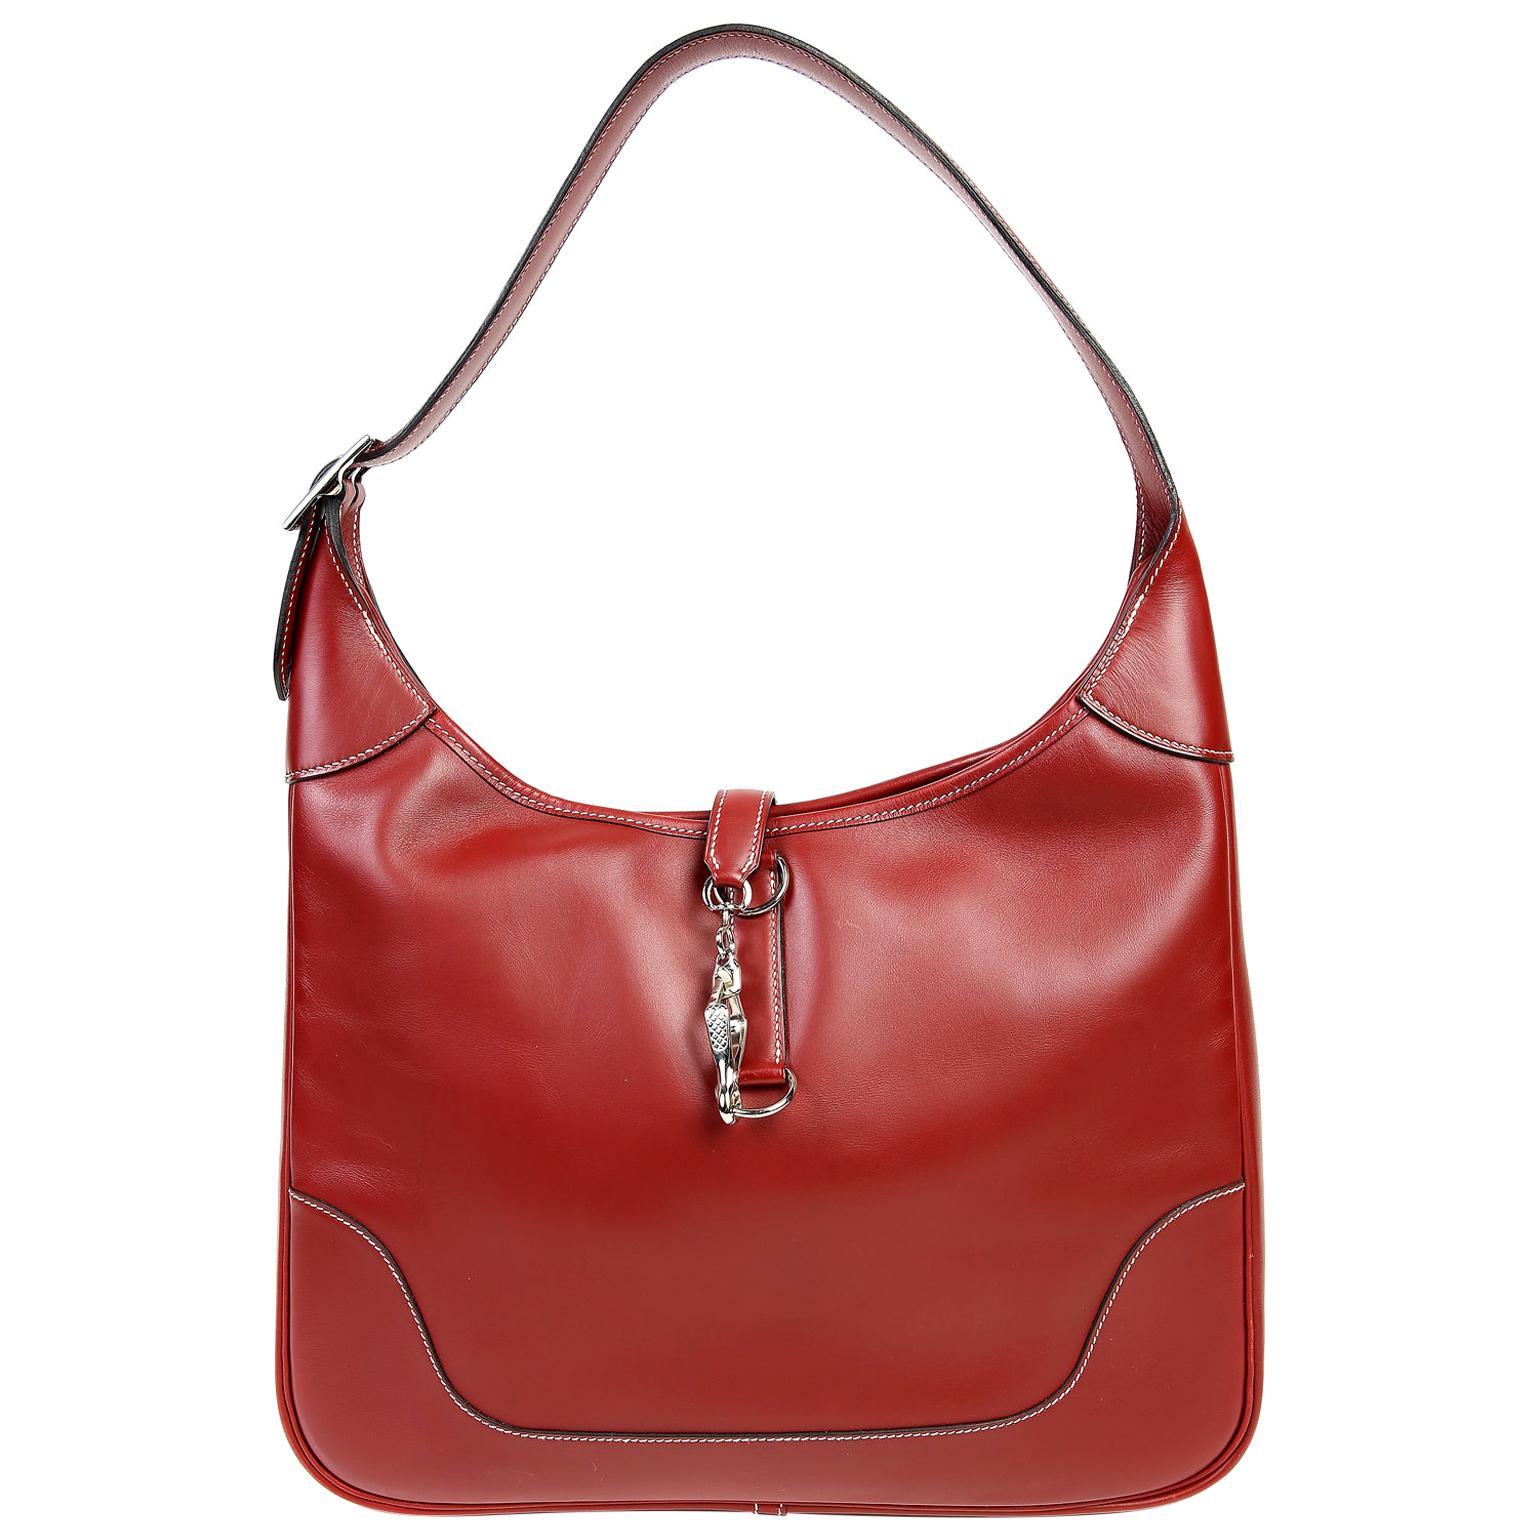 Hermès Brique Red Leather 31 cm Trim Bag